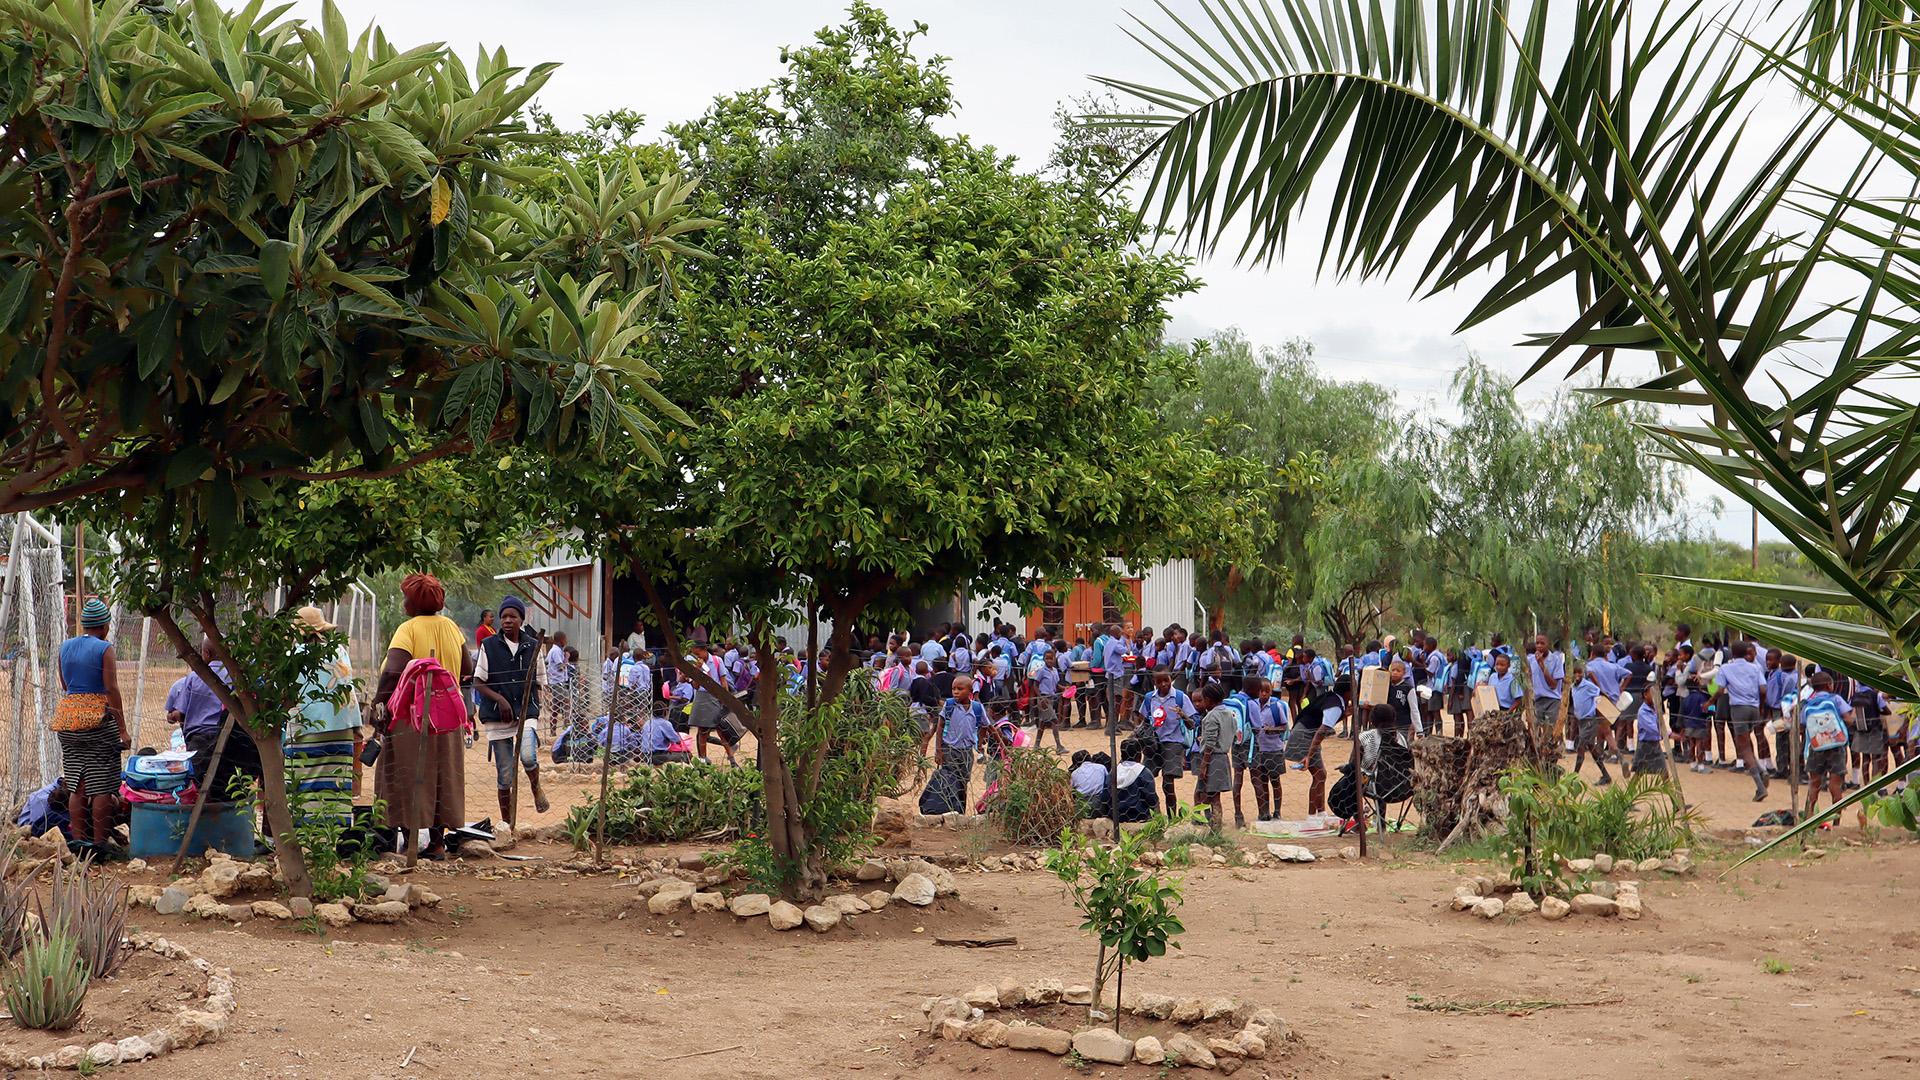 Morgens um 10 Uhr gibt es für alle der momentan 518 Schüler einen Teller Milliepap zu essen